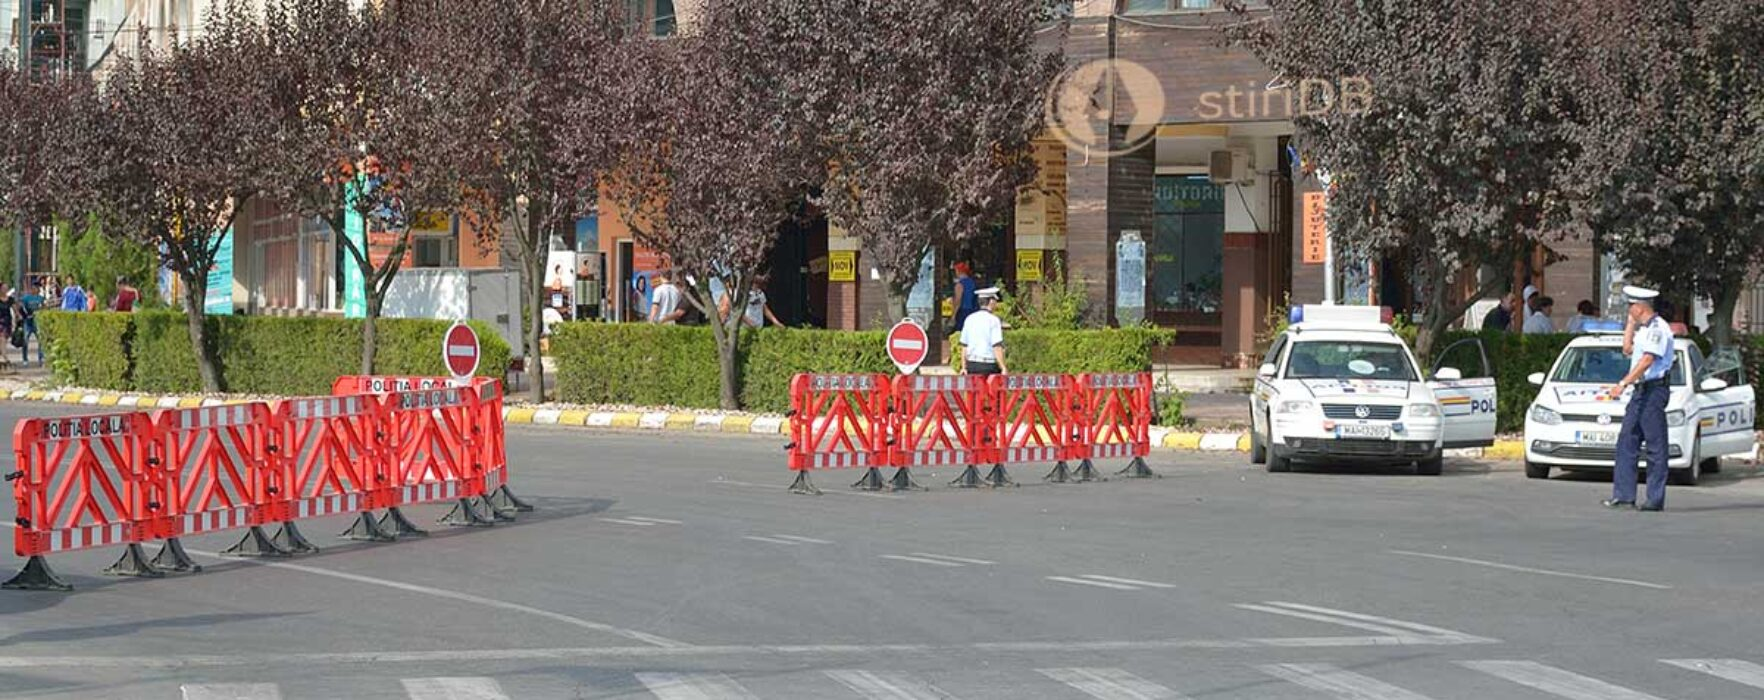 Manifestări Sf. Nifon, Târgovişte: Restricţii de circulaţie sâmbătă şi duminică